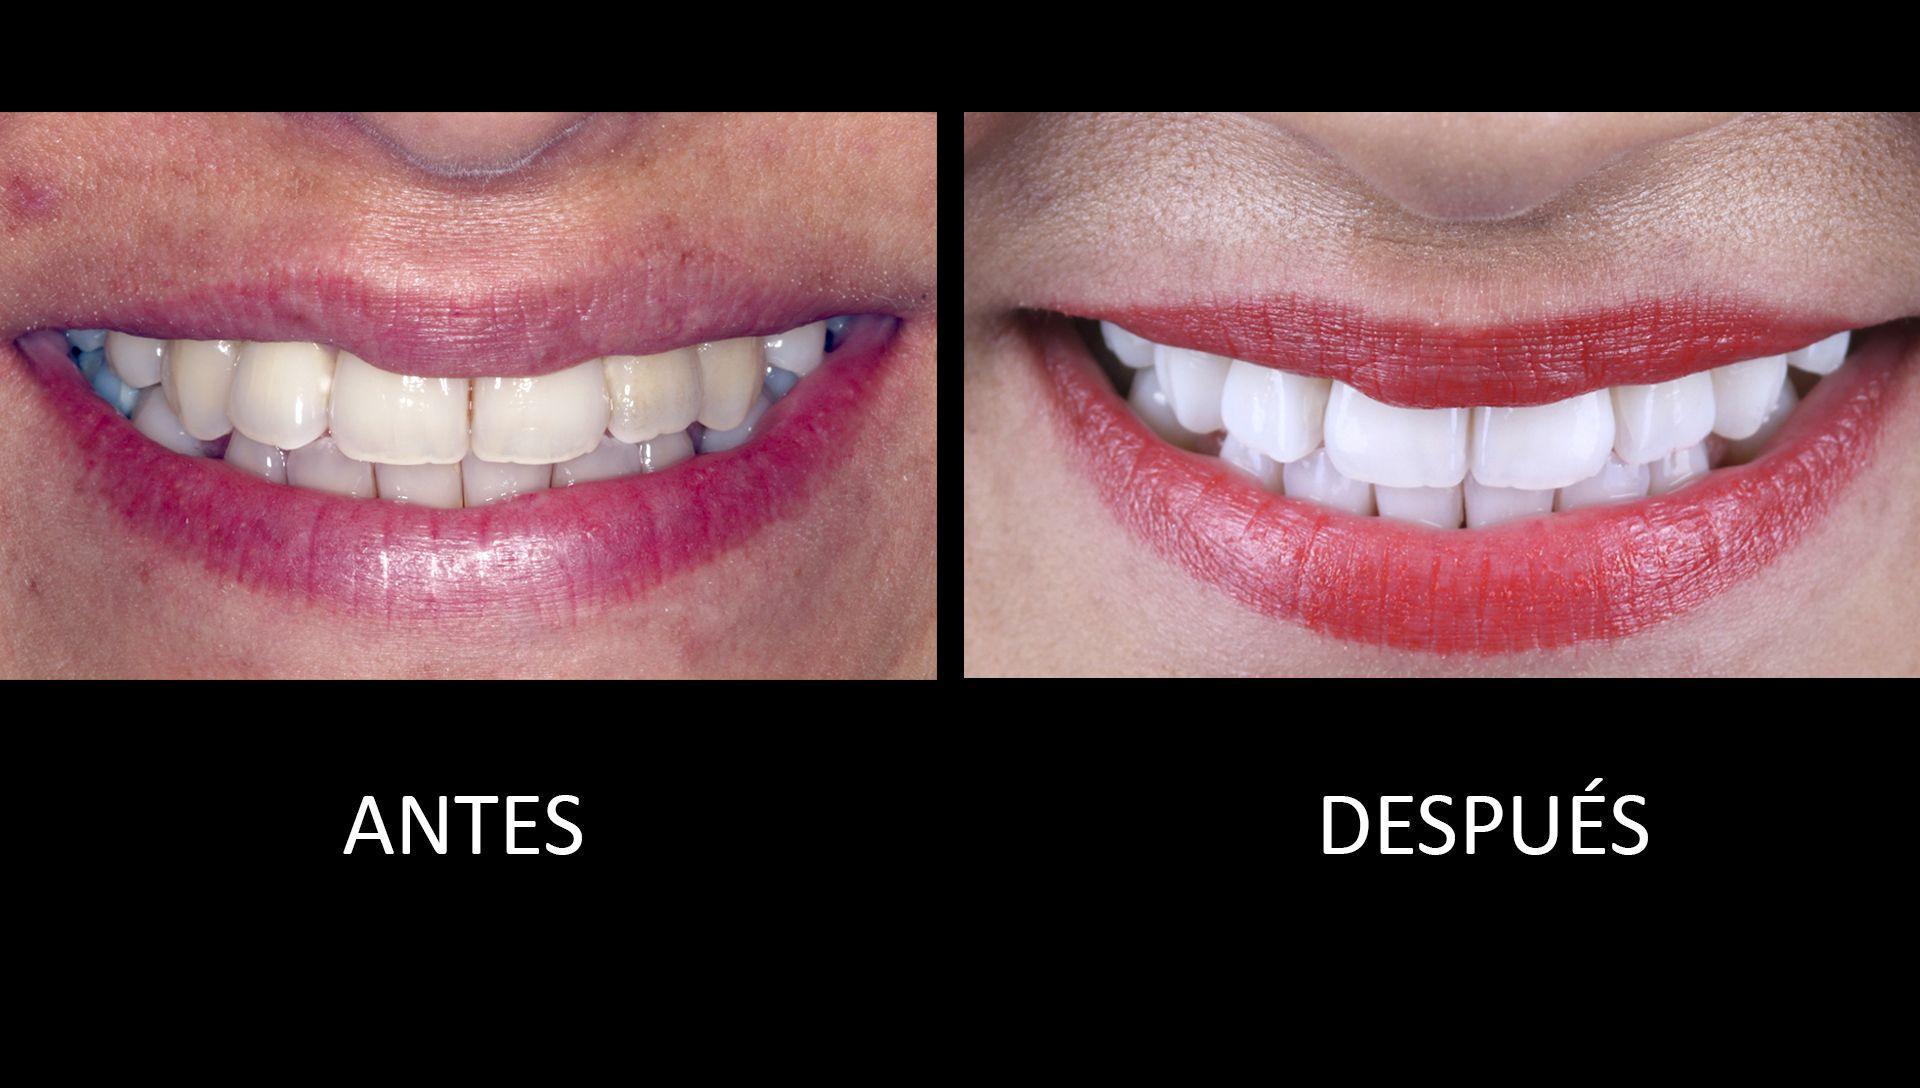 Abans i després del tractament de blanquejament dental